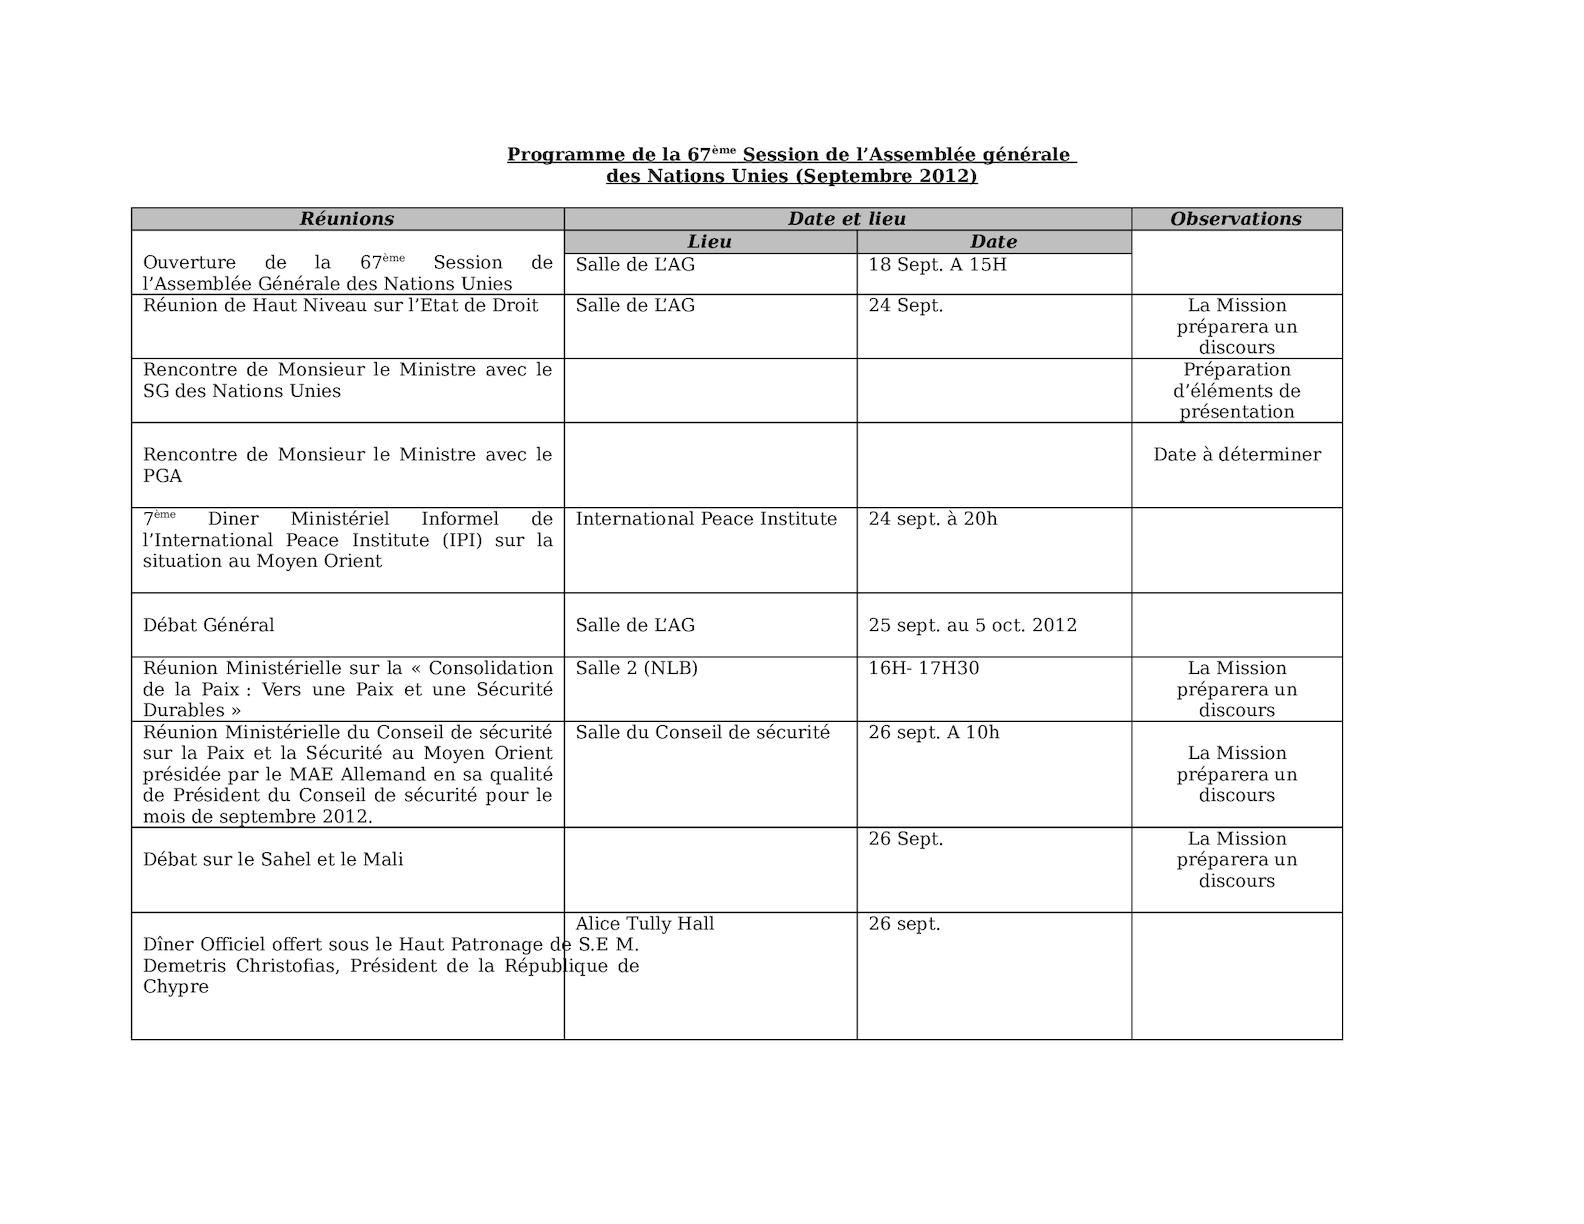 Tableau Prog. De La 67ème Session De L'AG - Septembre 2012